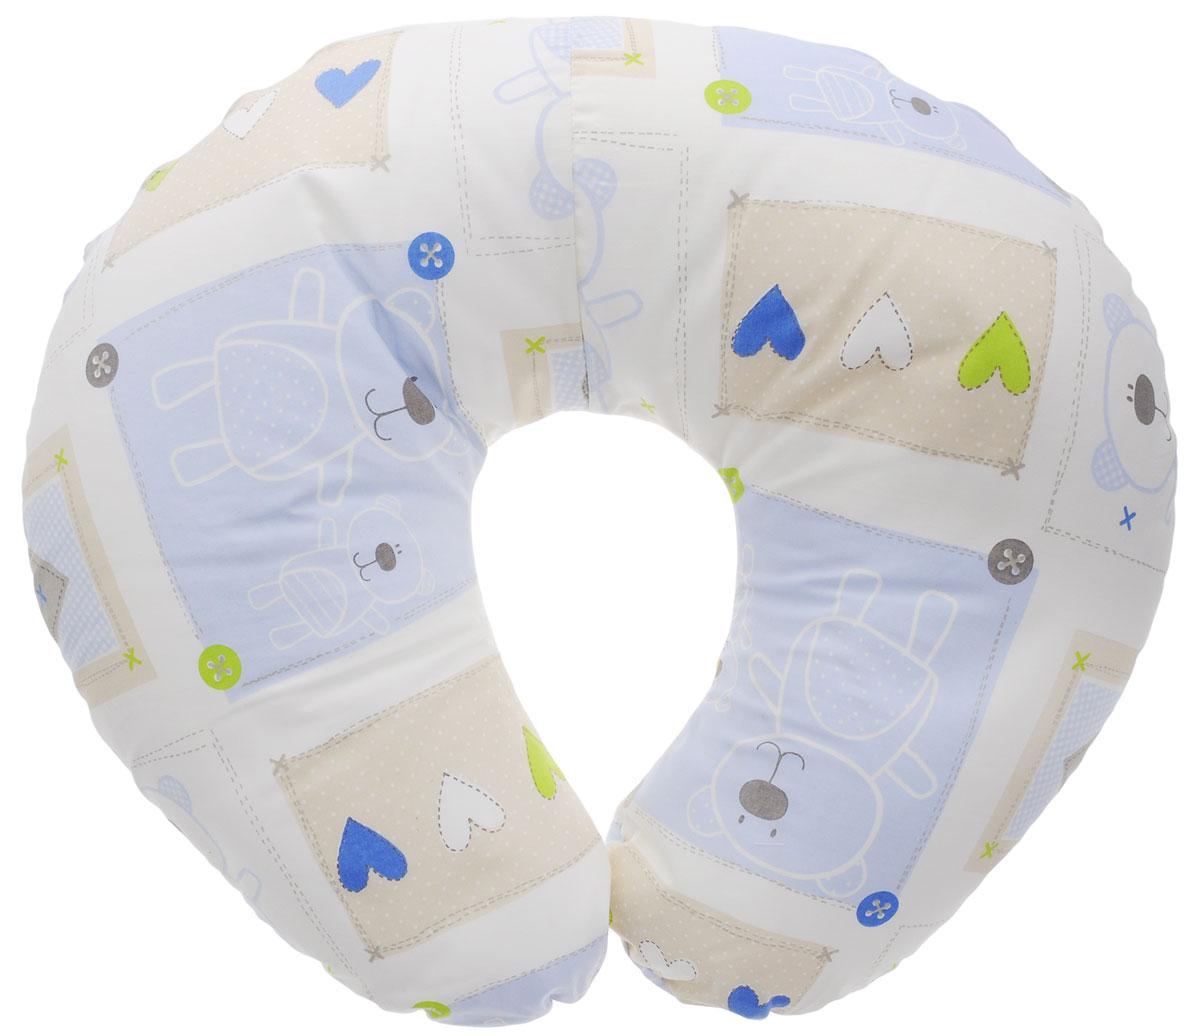 Plantex Подушка для кормящих и беременных мам Comfy Small Мишка и сердечки01040 Luna naturelМногофункциональная подушка Plantex Comfy Small идеальна для удобства ребенка и его родителей. Зачастую именно эта модель называется подушкой для беременных. Ведь она создана именно для будущих мам с учетом всех анатомических особенностей в этот период. На любом сроке беременности она бережно поддержит растущий животик и поможет сохранить комфортное и безопасное положение во время сна.Подушка идеально подходит для кормления уже появившегося малыша. Позже многофункциональная подушка поможет ему сохранить равновесие при первых попытках сесть.Чехол подушки выполнен из 100% хлопка и снабжен застежкой-молнией, что позволяет без труда снять и постирать его. Наполнителем подушки служат полистироловые шарики - экологичные, не деформируются сами и хорошо сохраняют форму подушки.Подушка для кормящих и беременных мам Plantex Comfy Small - это удобная и практичная вещь, которая прослужит вам долгое время.Подушка поставляется в сумке-чехле.При использовании рекомендуется следующий уход: наволочка - машинная стирка и глажение, подушка с наполнителем - ручная стирка.